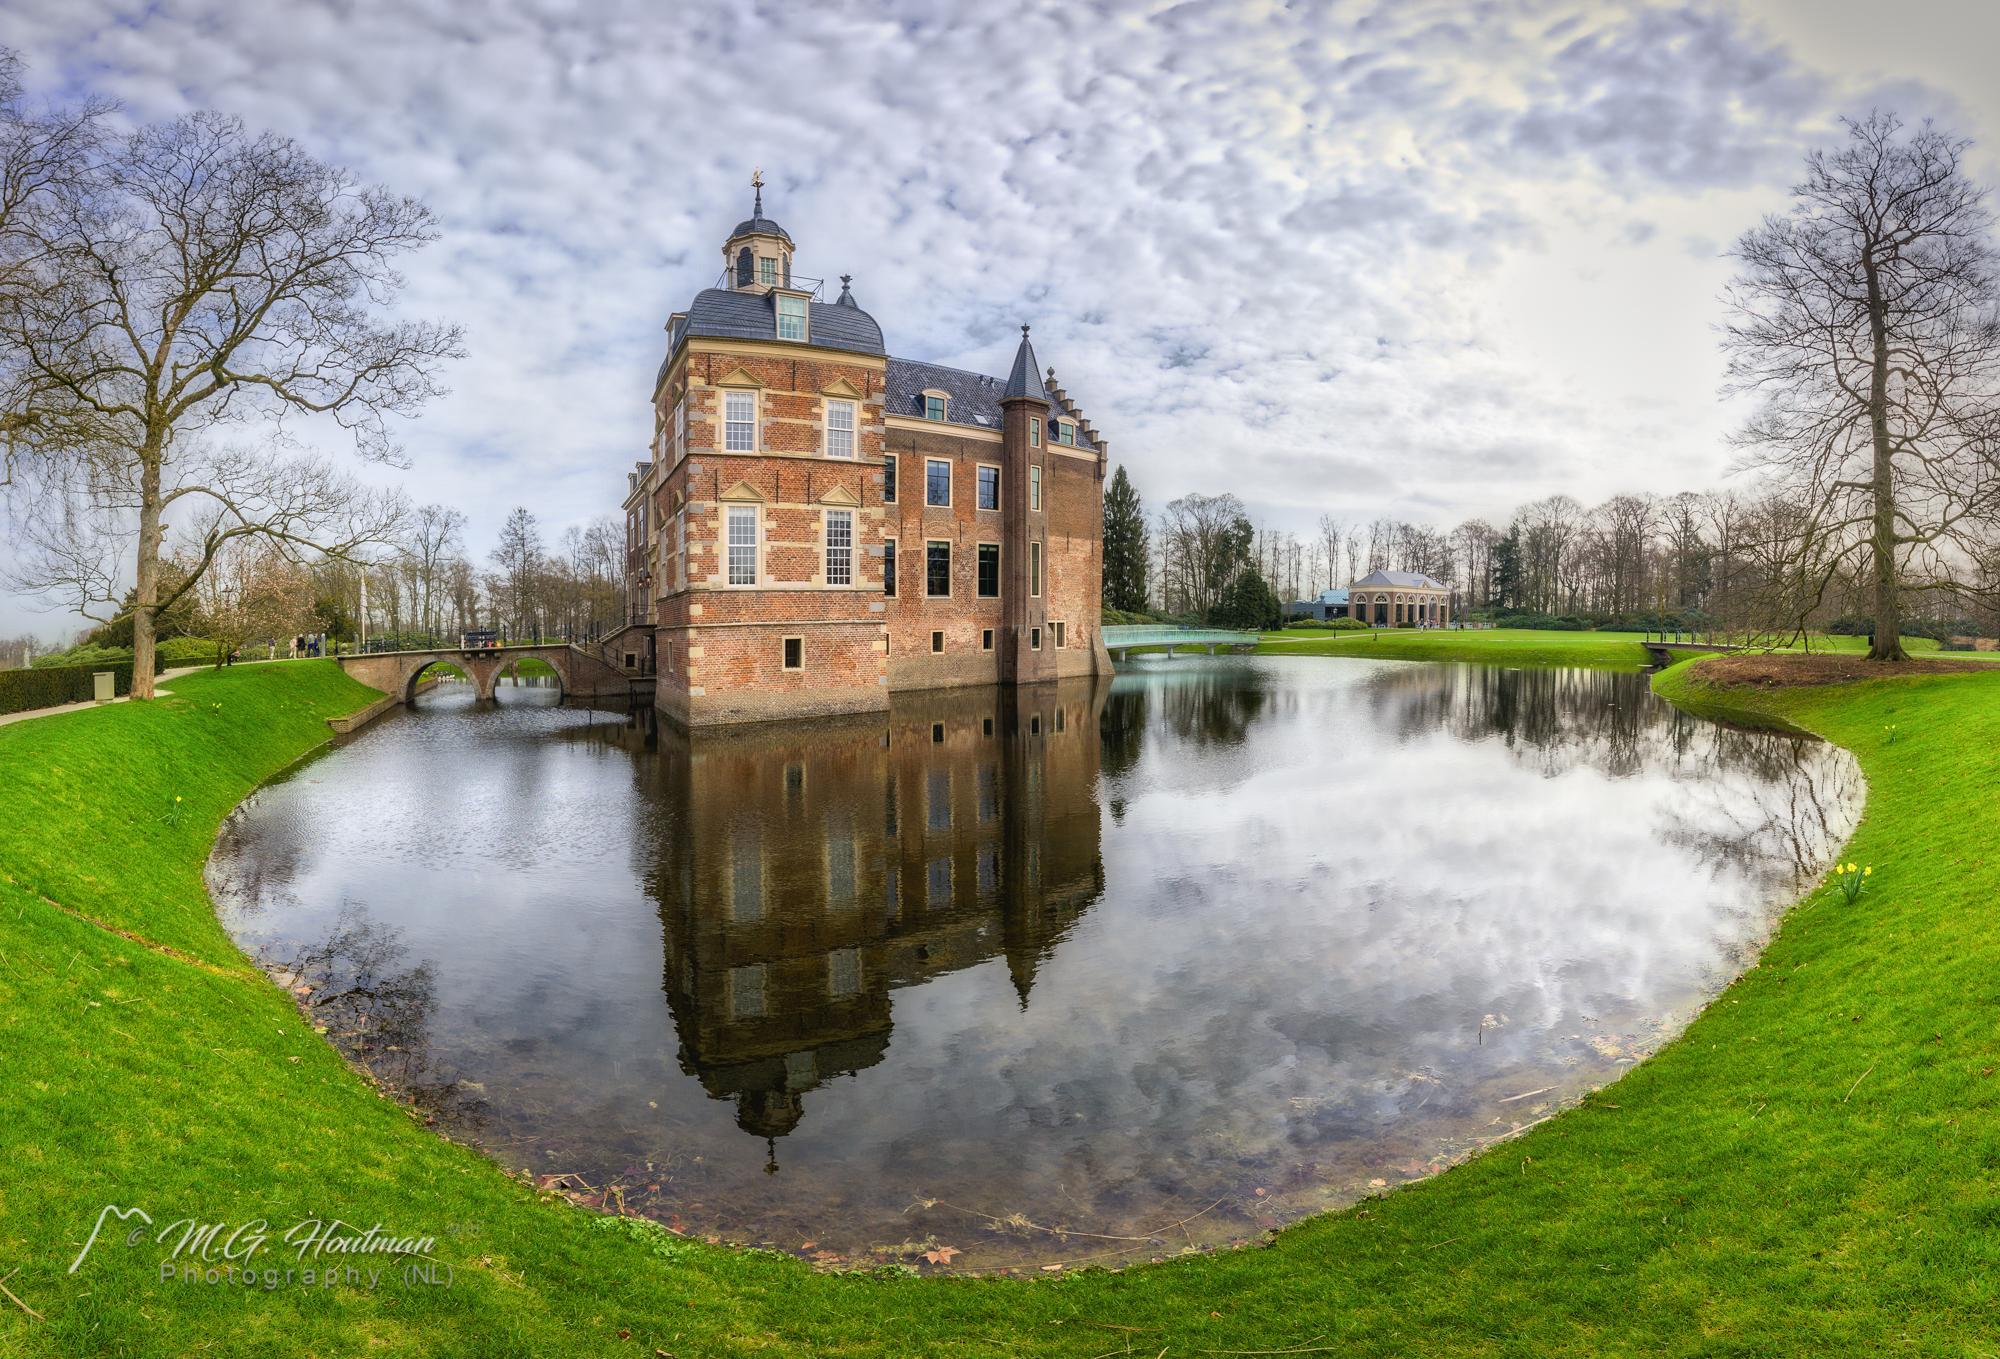 Huis Ruurlo is een kasteel en landgoed